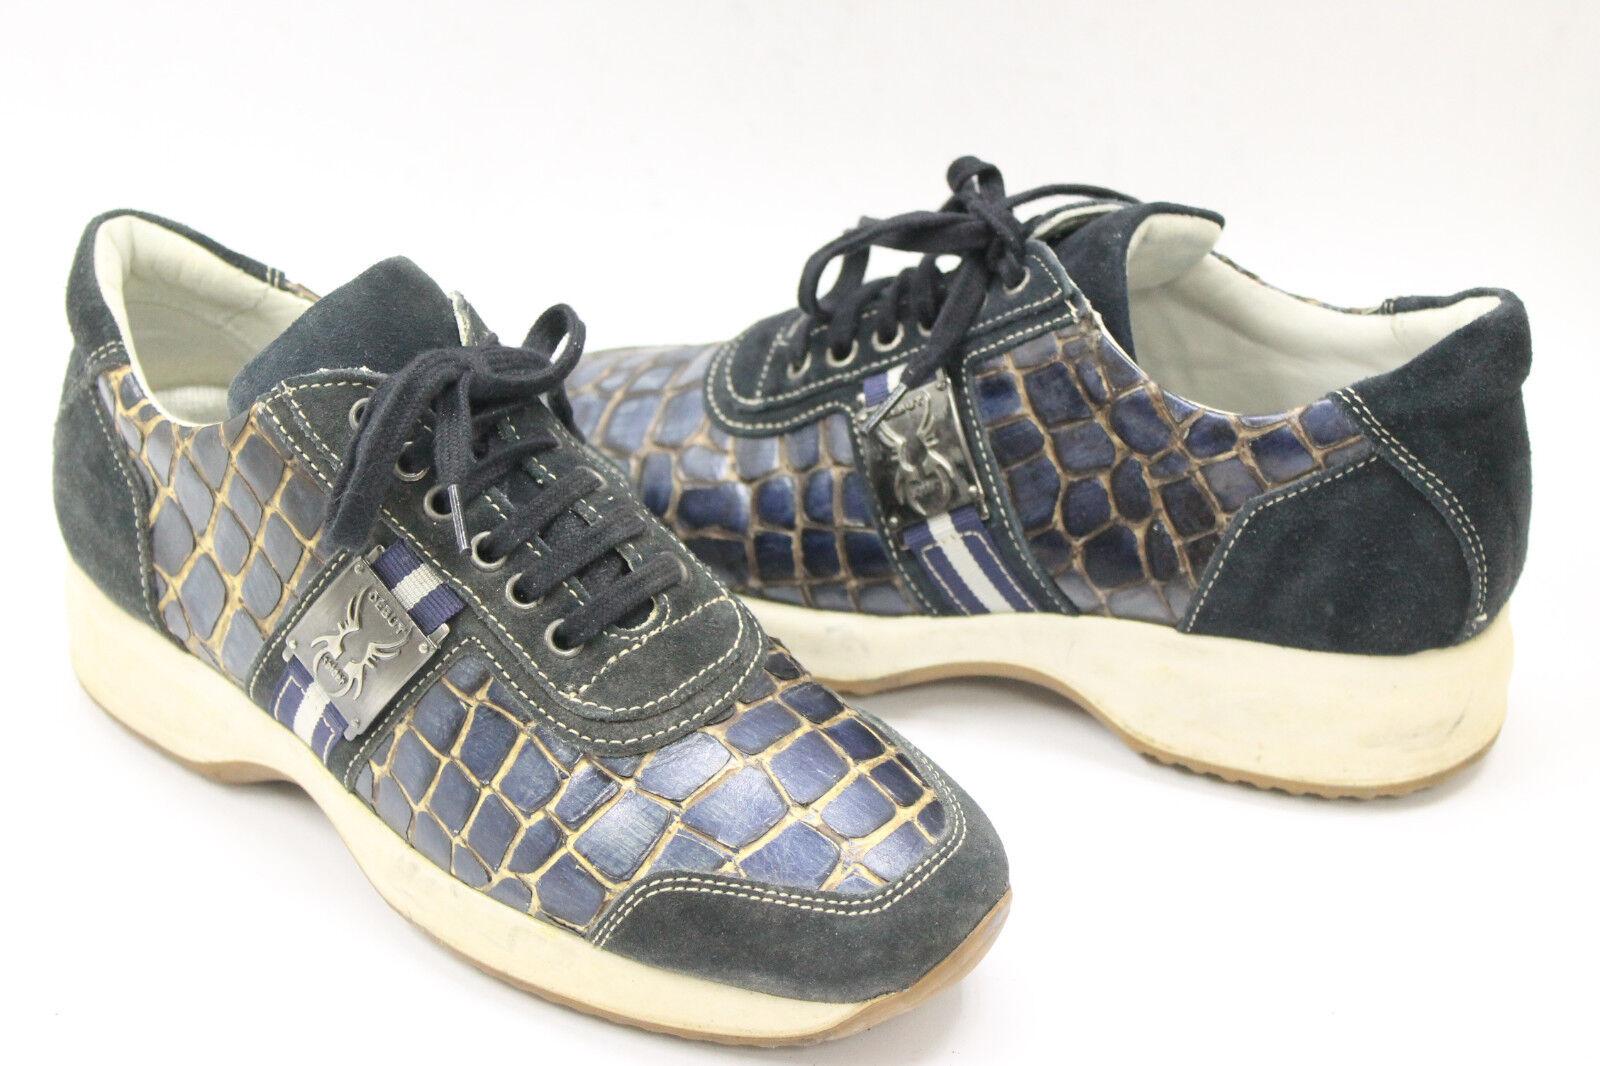 Debut mujer zapatos zapatos zapatos talla 7.5 Europa 38 azul Suede Beige Cuero S7071 84bc98